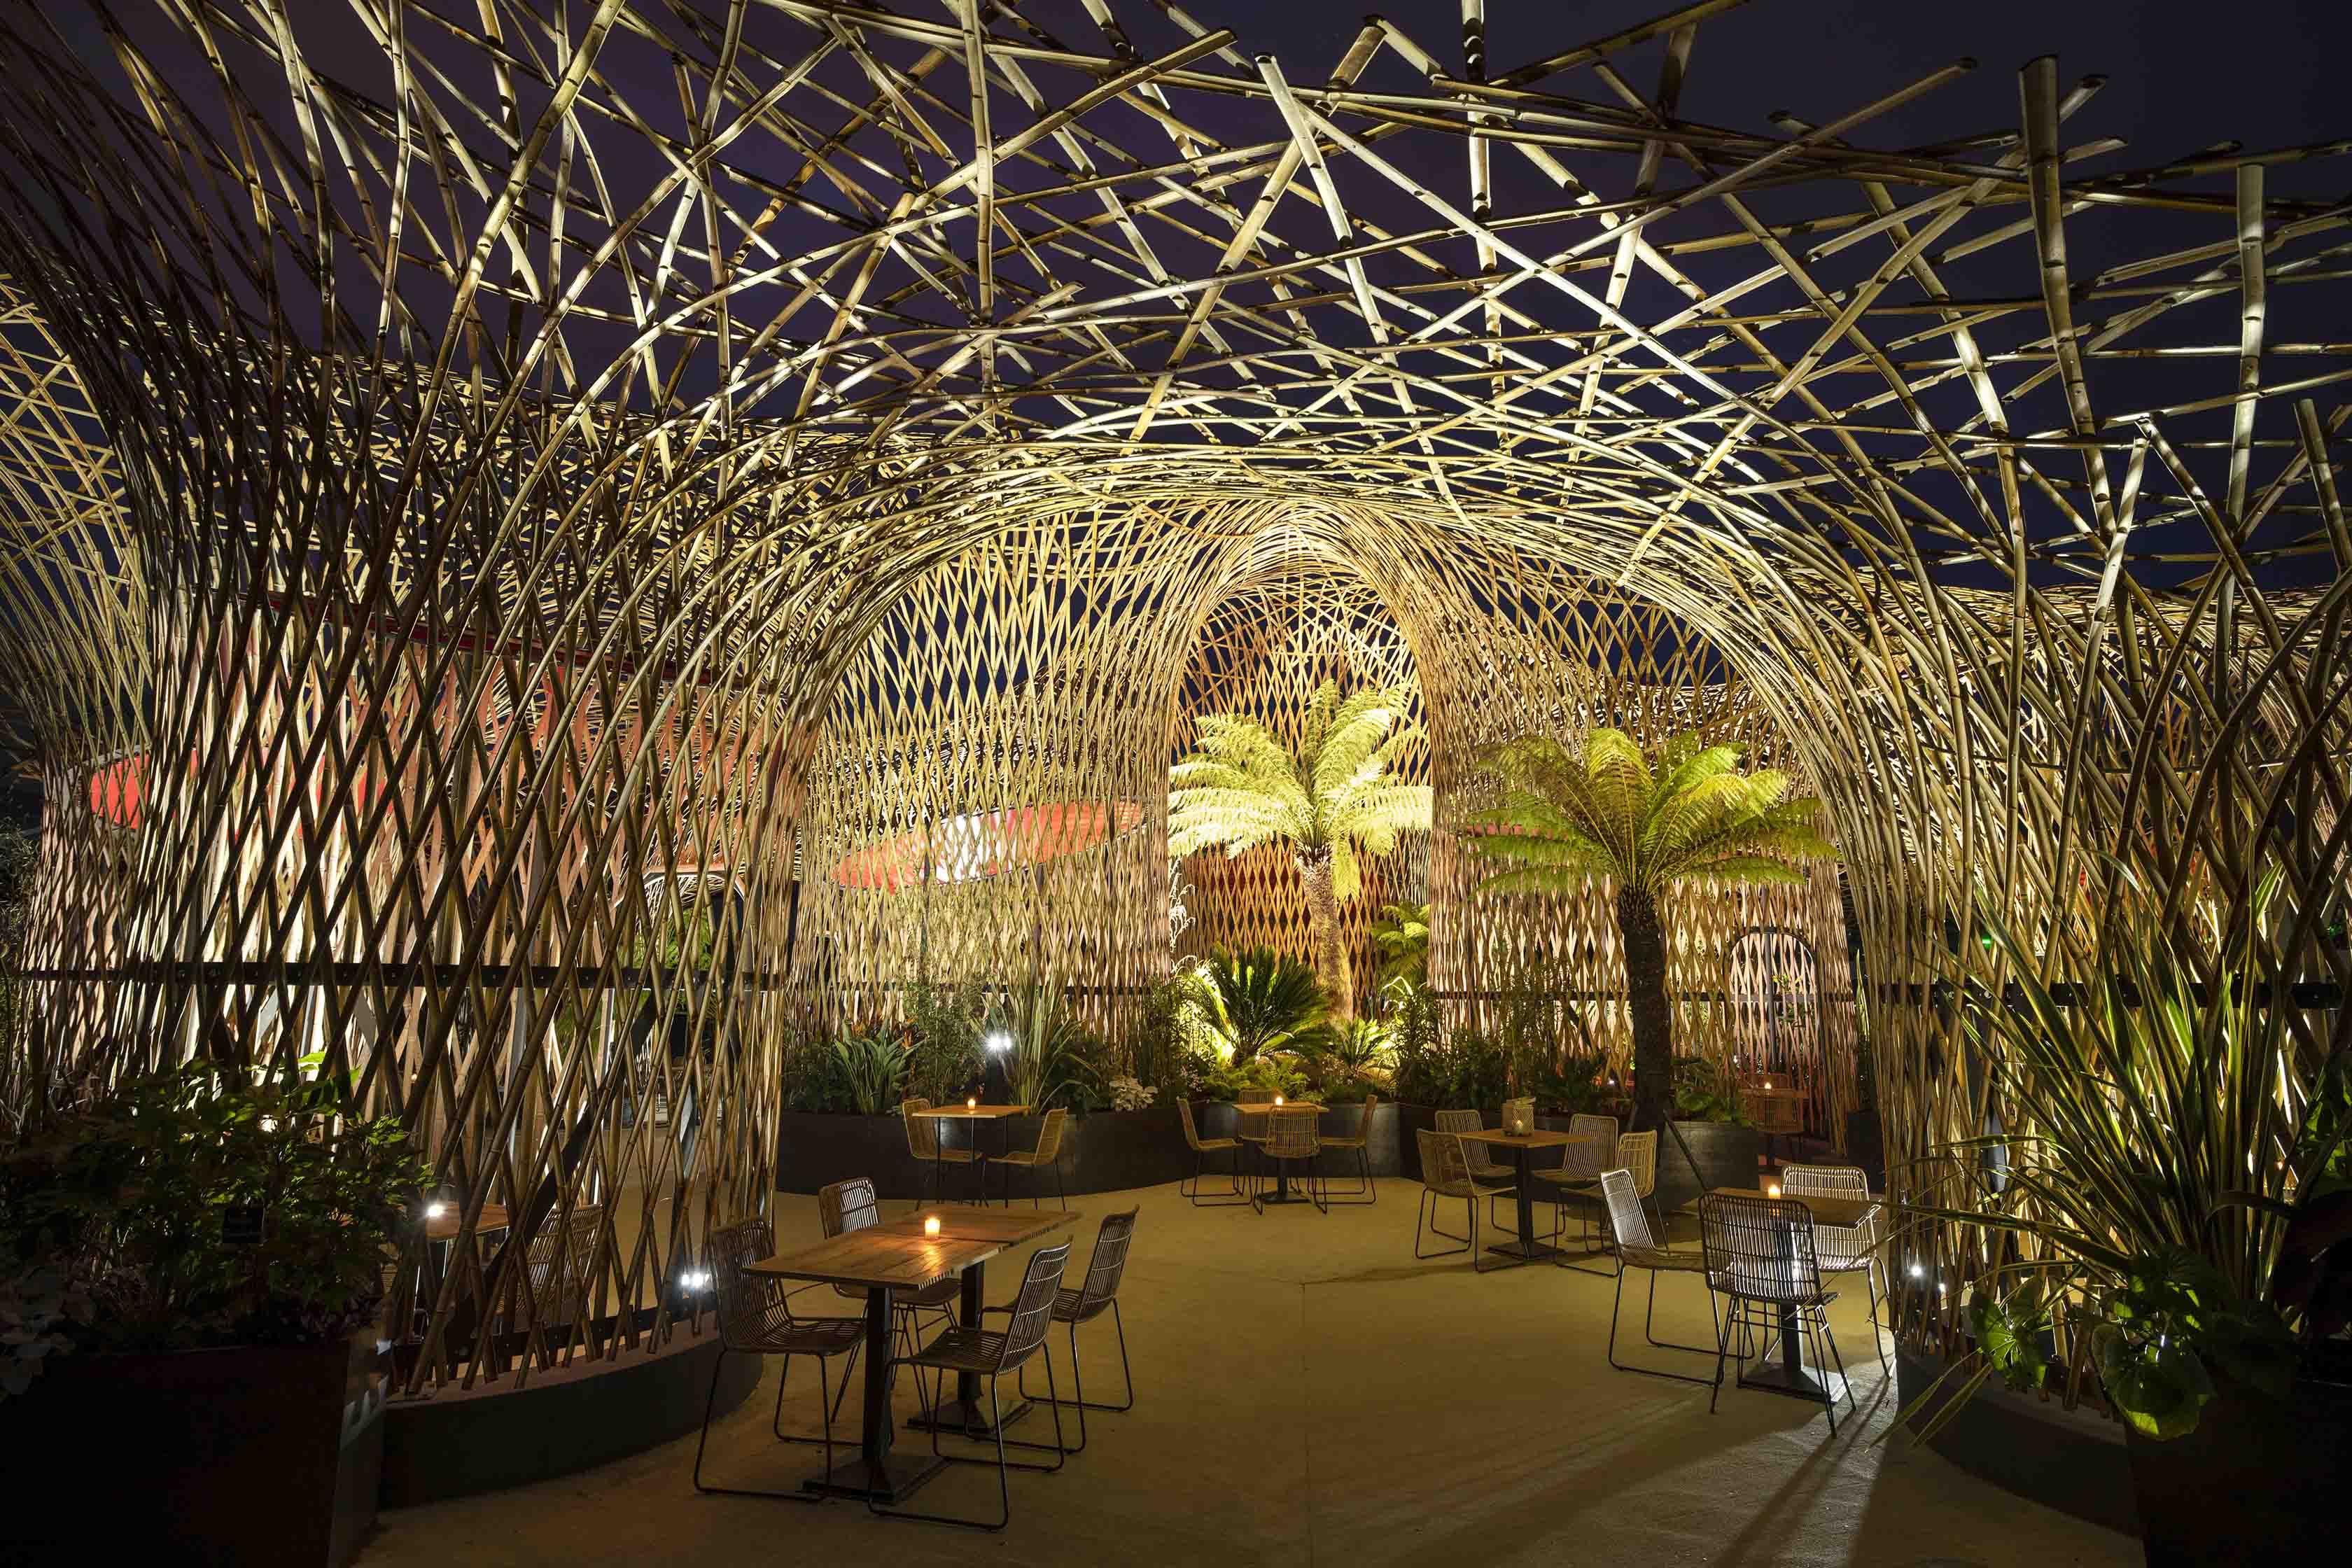 Bauen mit Bambus in Frankreich Deambulons - l'Oasis - Kalice Studio - Arnaud Childeric5.jpg